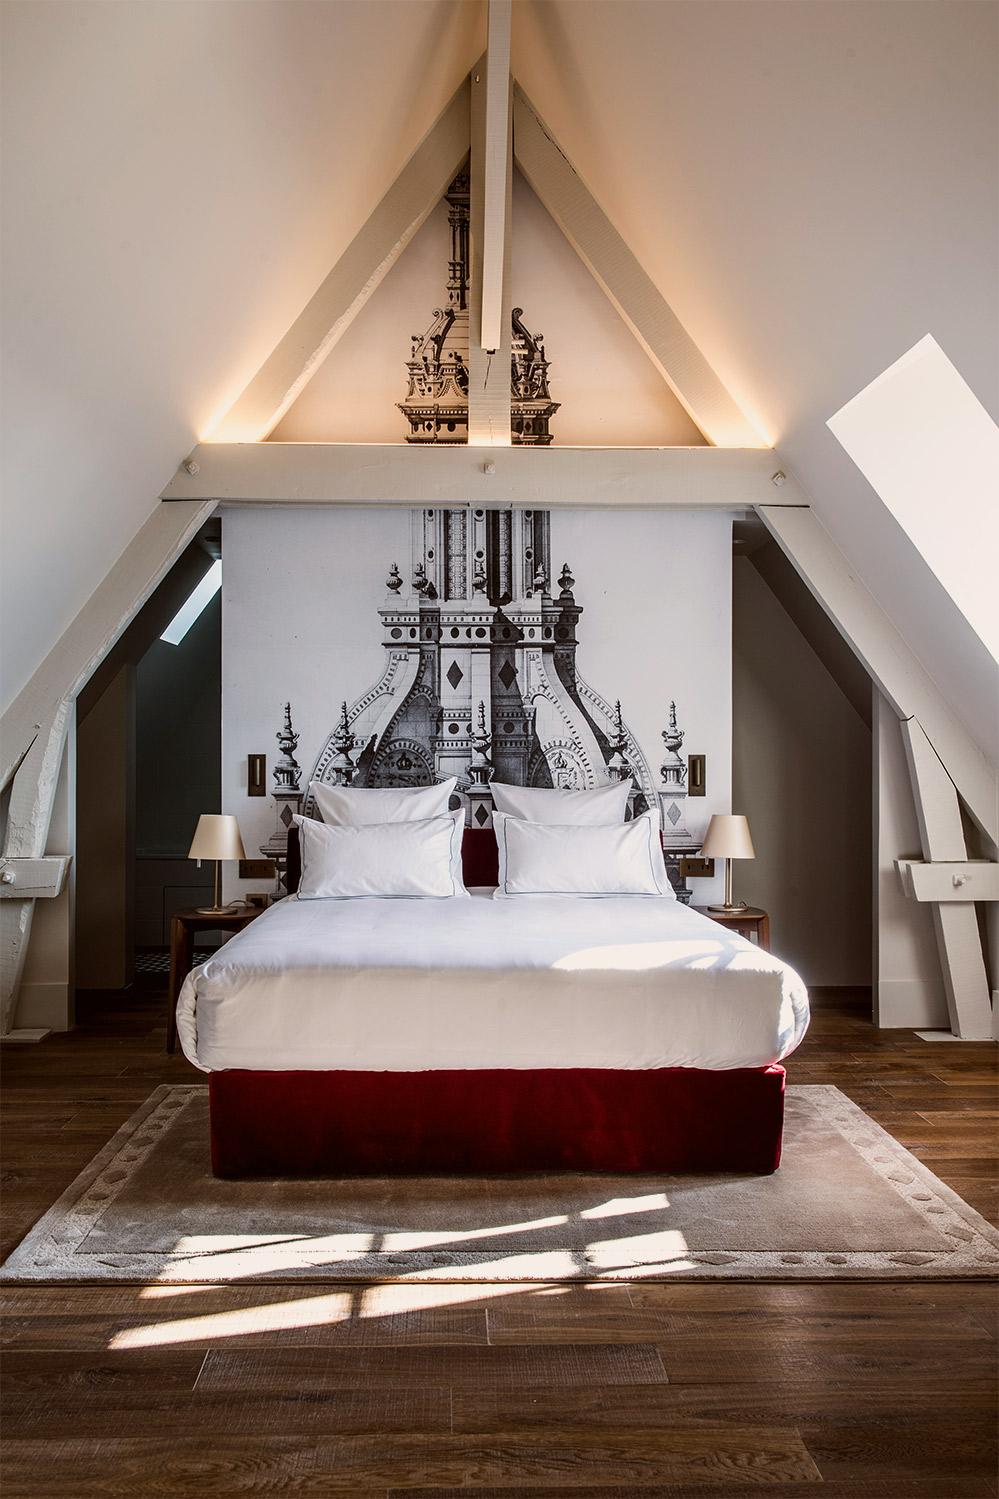 Junior Suite at Relais de Chambord boutique Hotel.